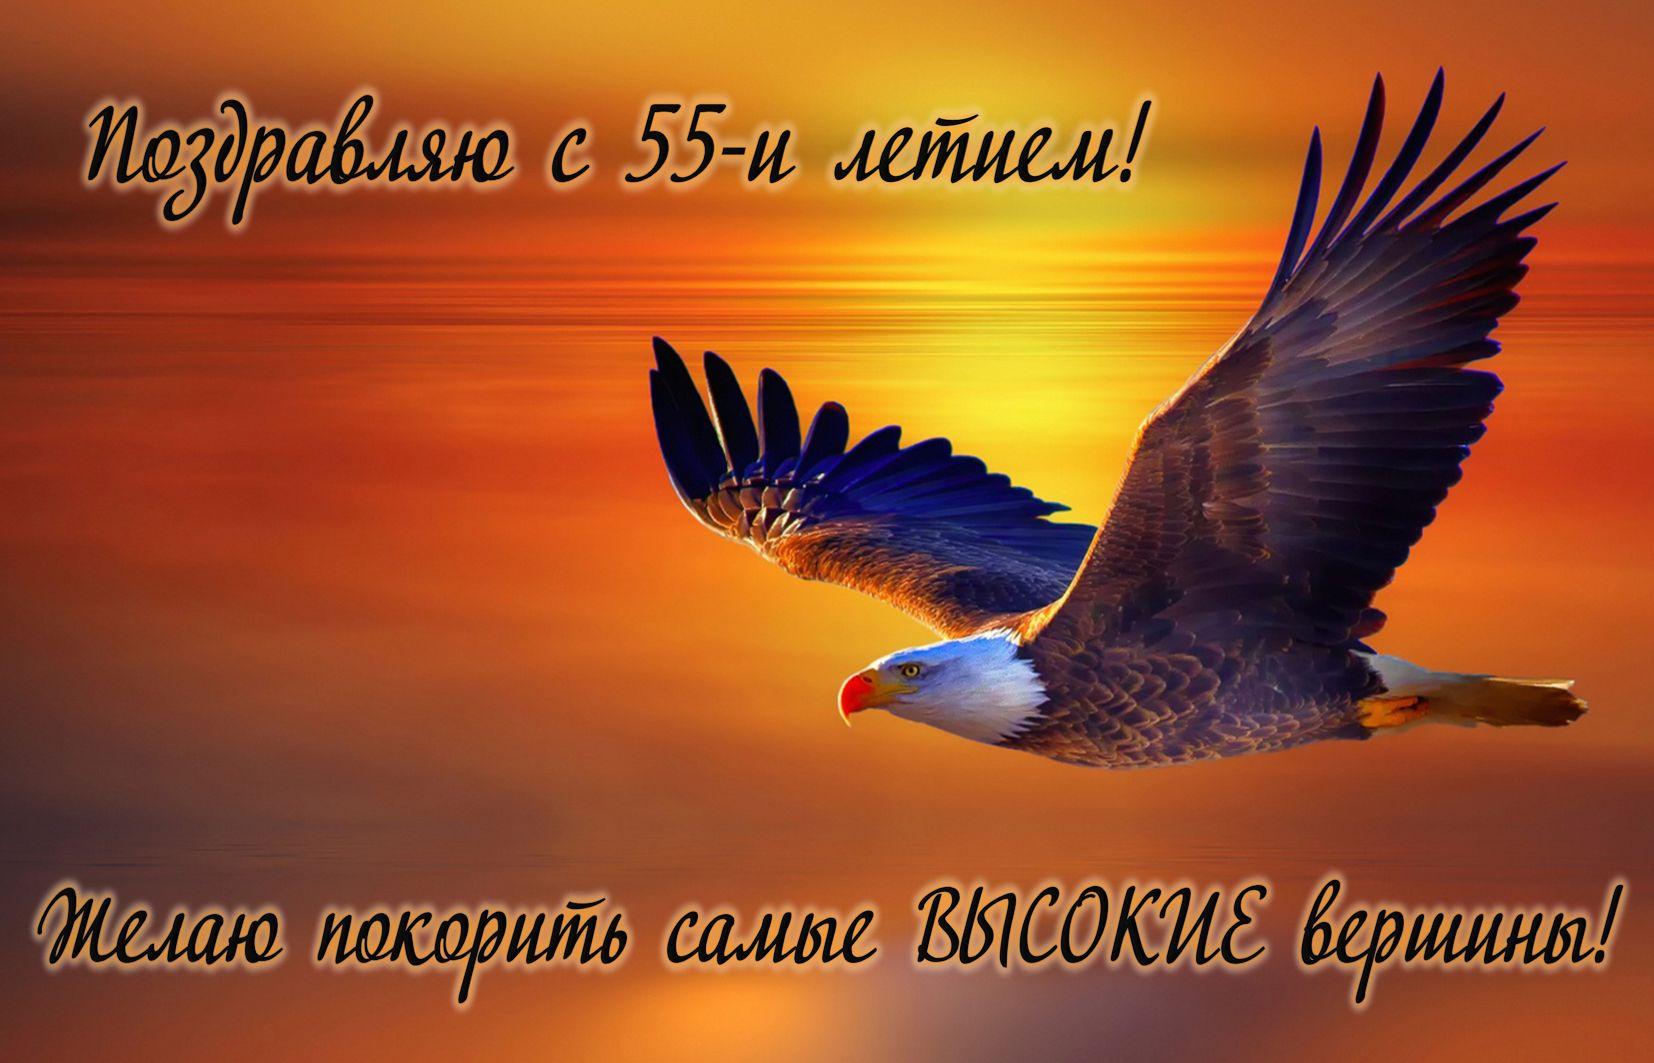 Открытка на юбилей 55 лет - красивый орел парящий в закатном небе